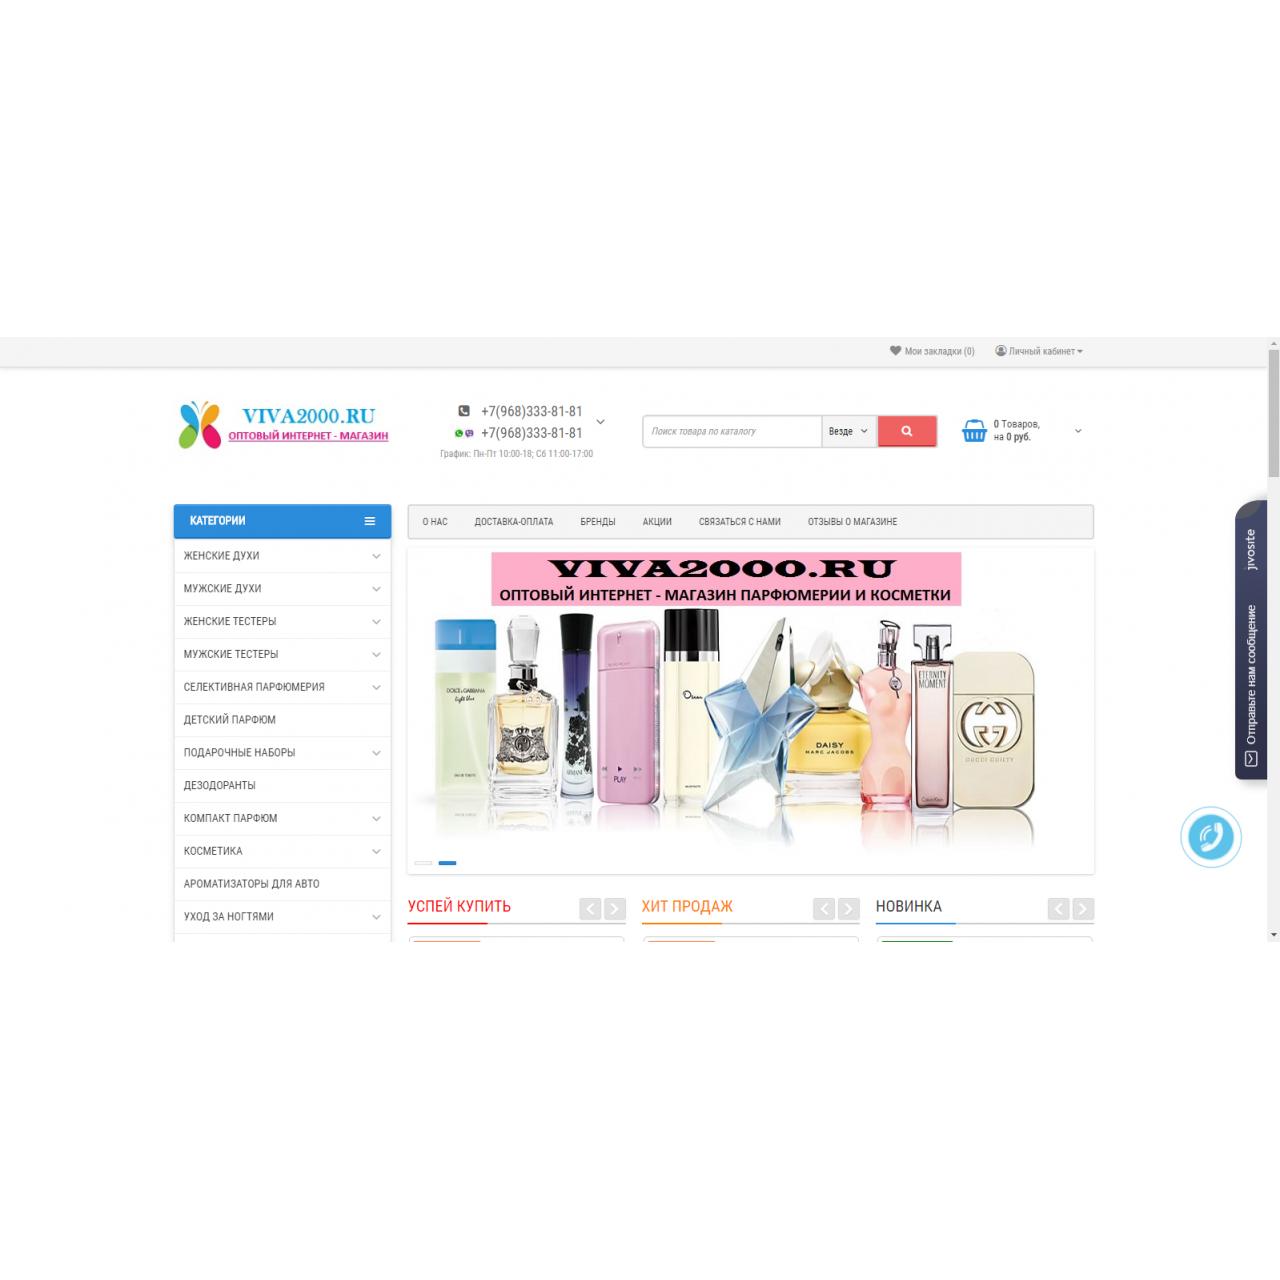 Viva2000.ru - магазин парфюмерии и косметики из категории Наши проекты для CMS OpenCart (ОпенКарт)